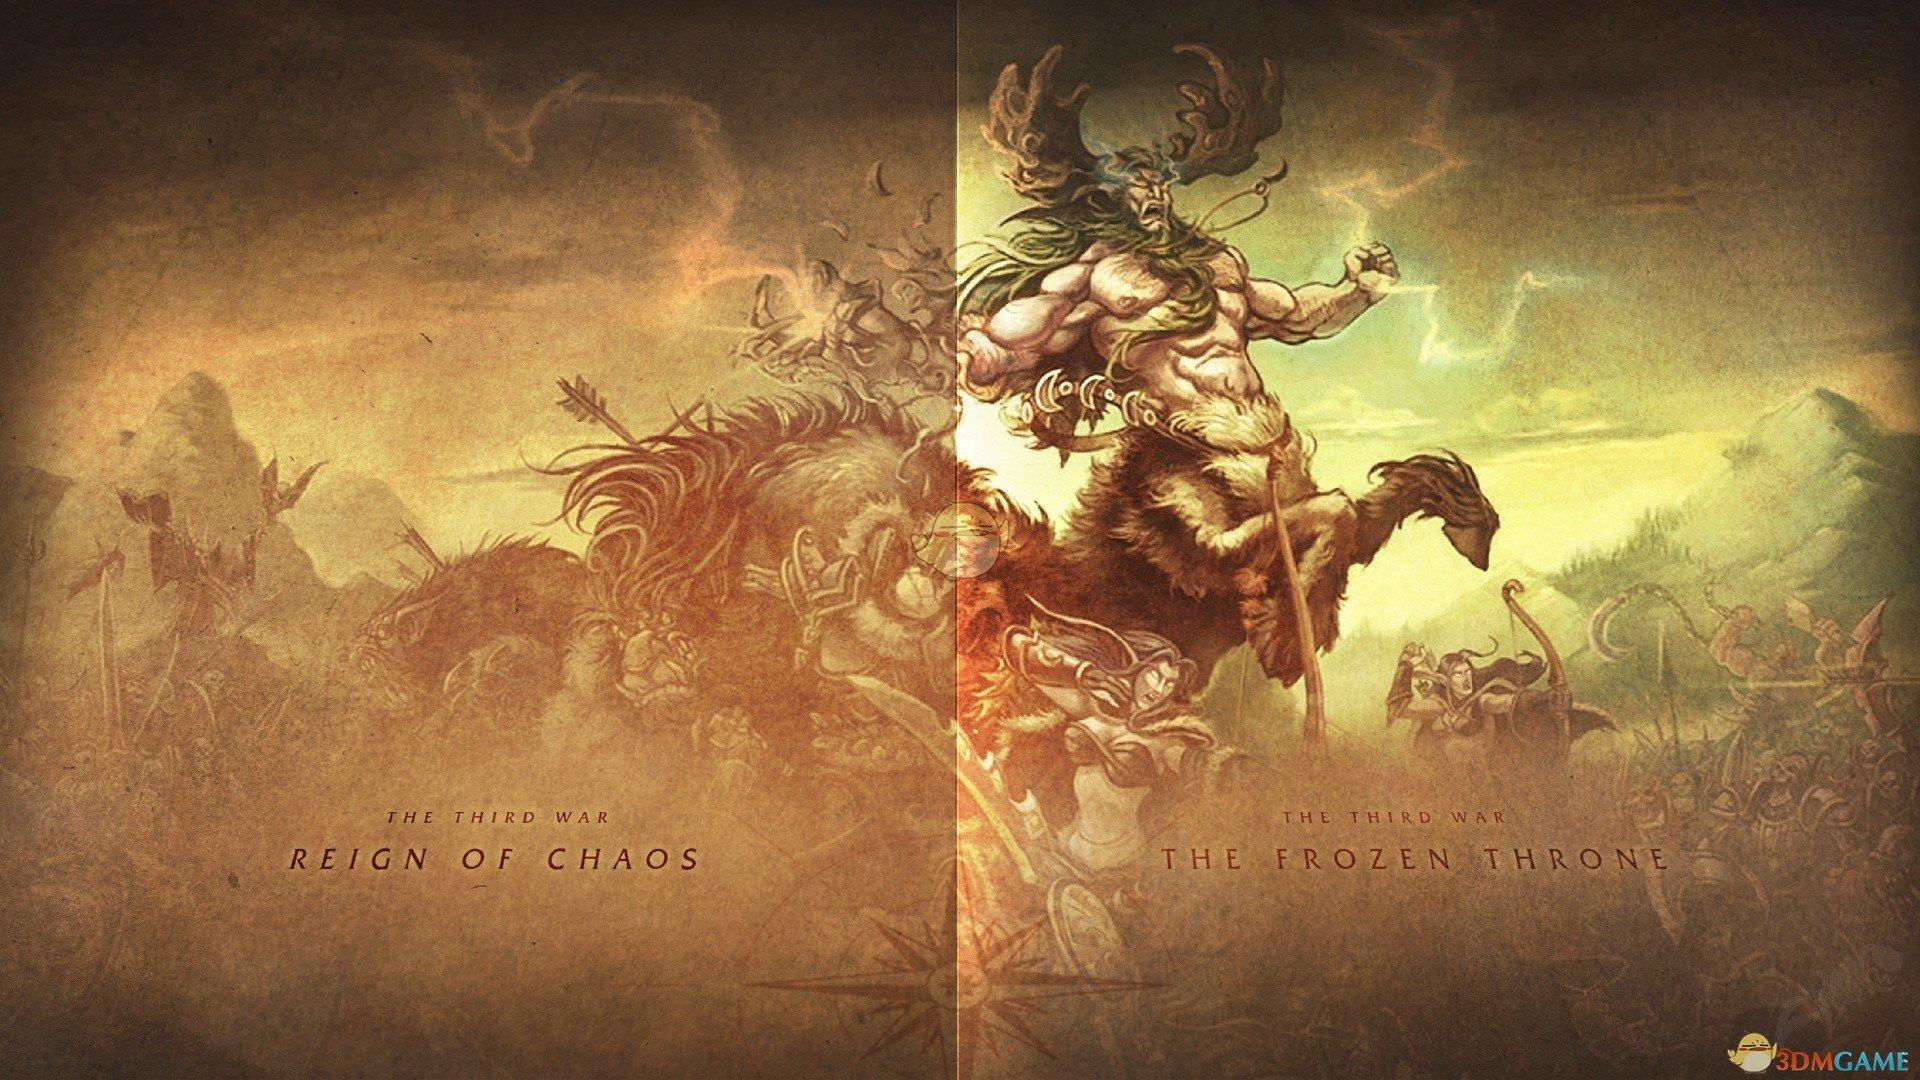 《魔兽争霸3:重制版》兽人战役不喝恶魔血打死老鹿方法分享